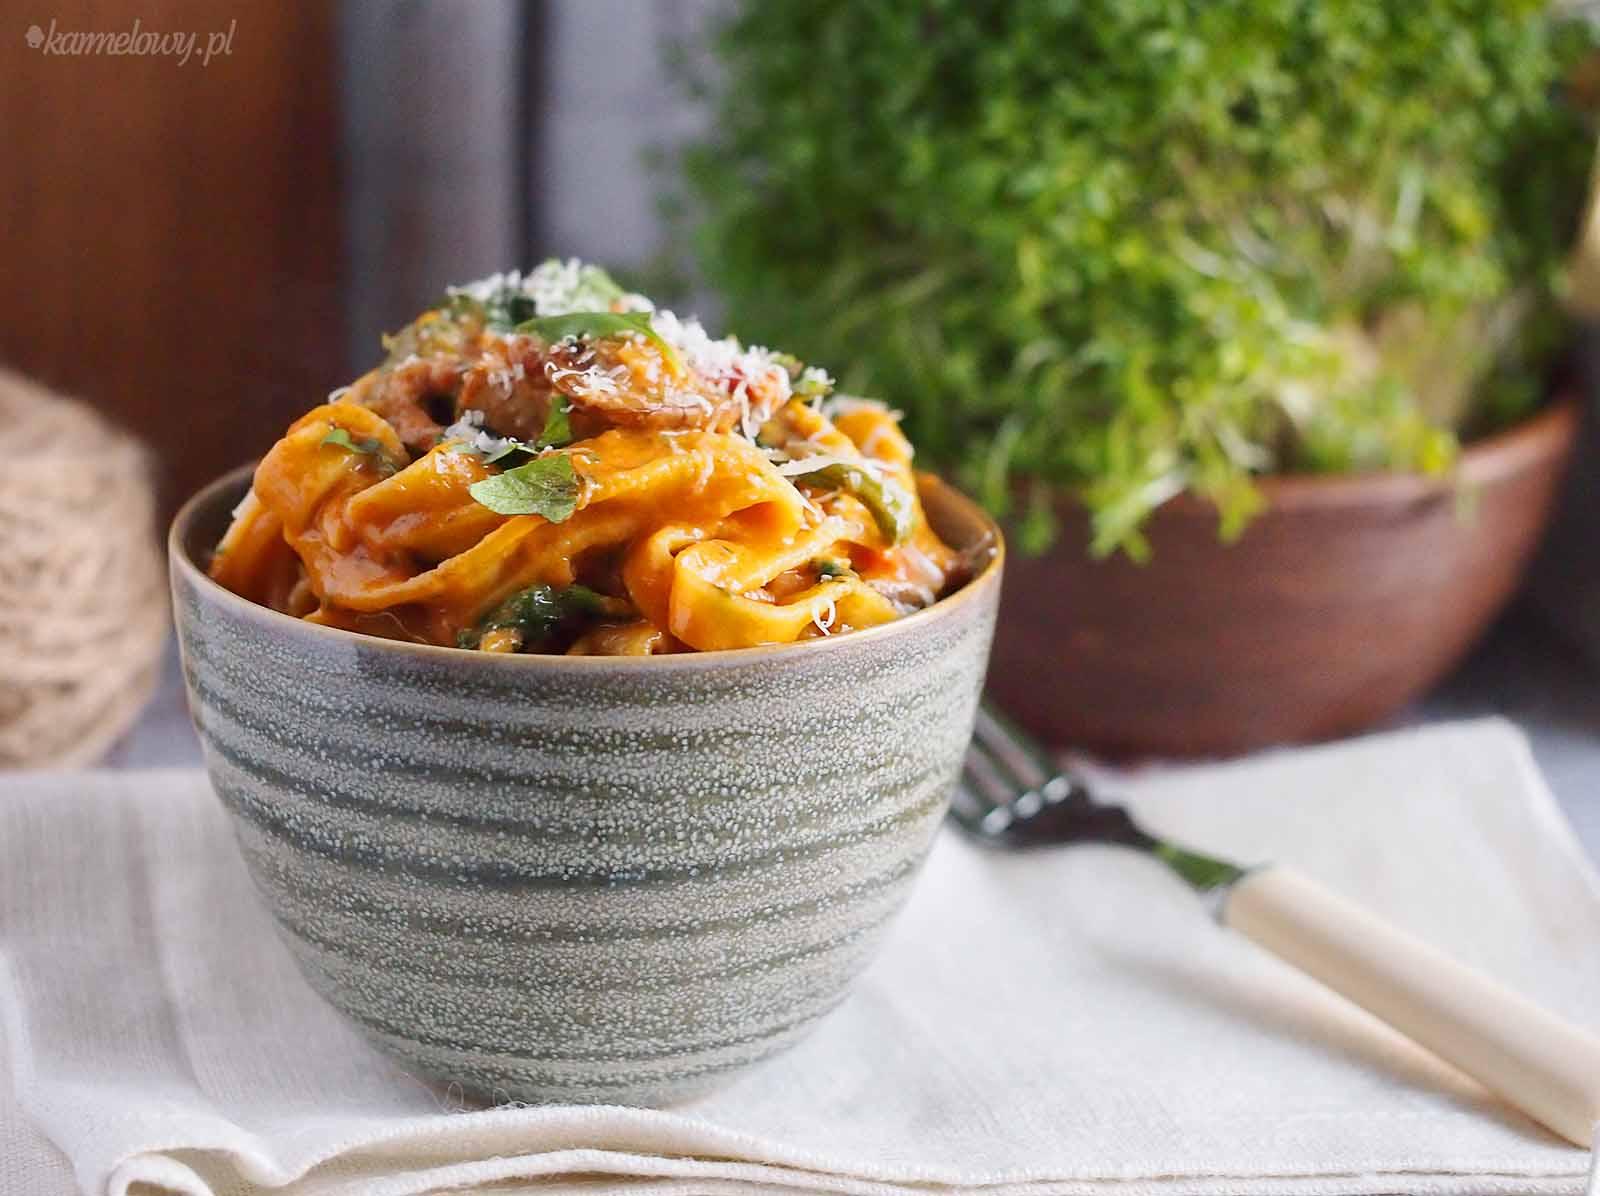 Makaron-z-miesem-i-grzybami-w-kremowym-sosie-pomidorowym-Pasta-with-pork-mushrooms-and-tomato-cream-sauce